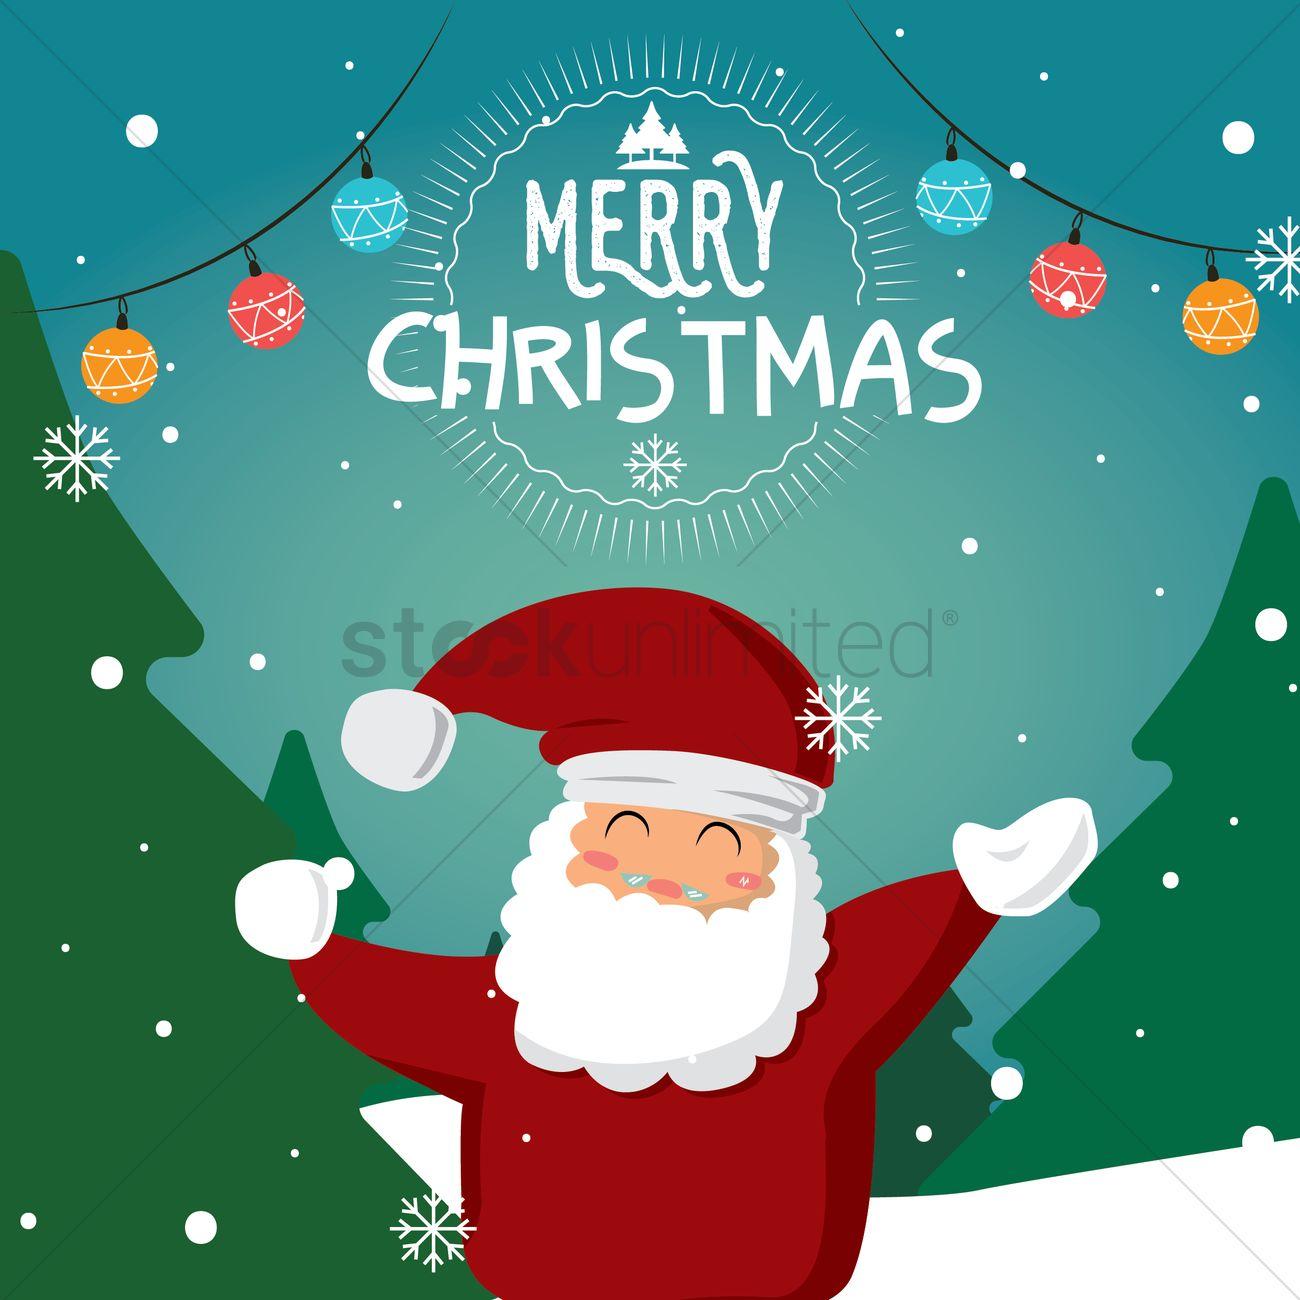 santa claus christmas card design vector graphic - Santa Claus Christmas Cards